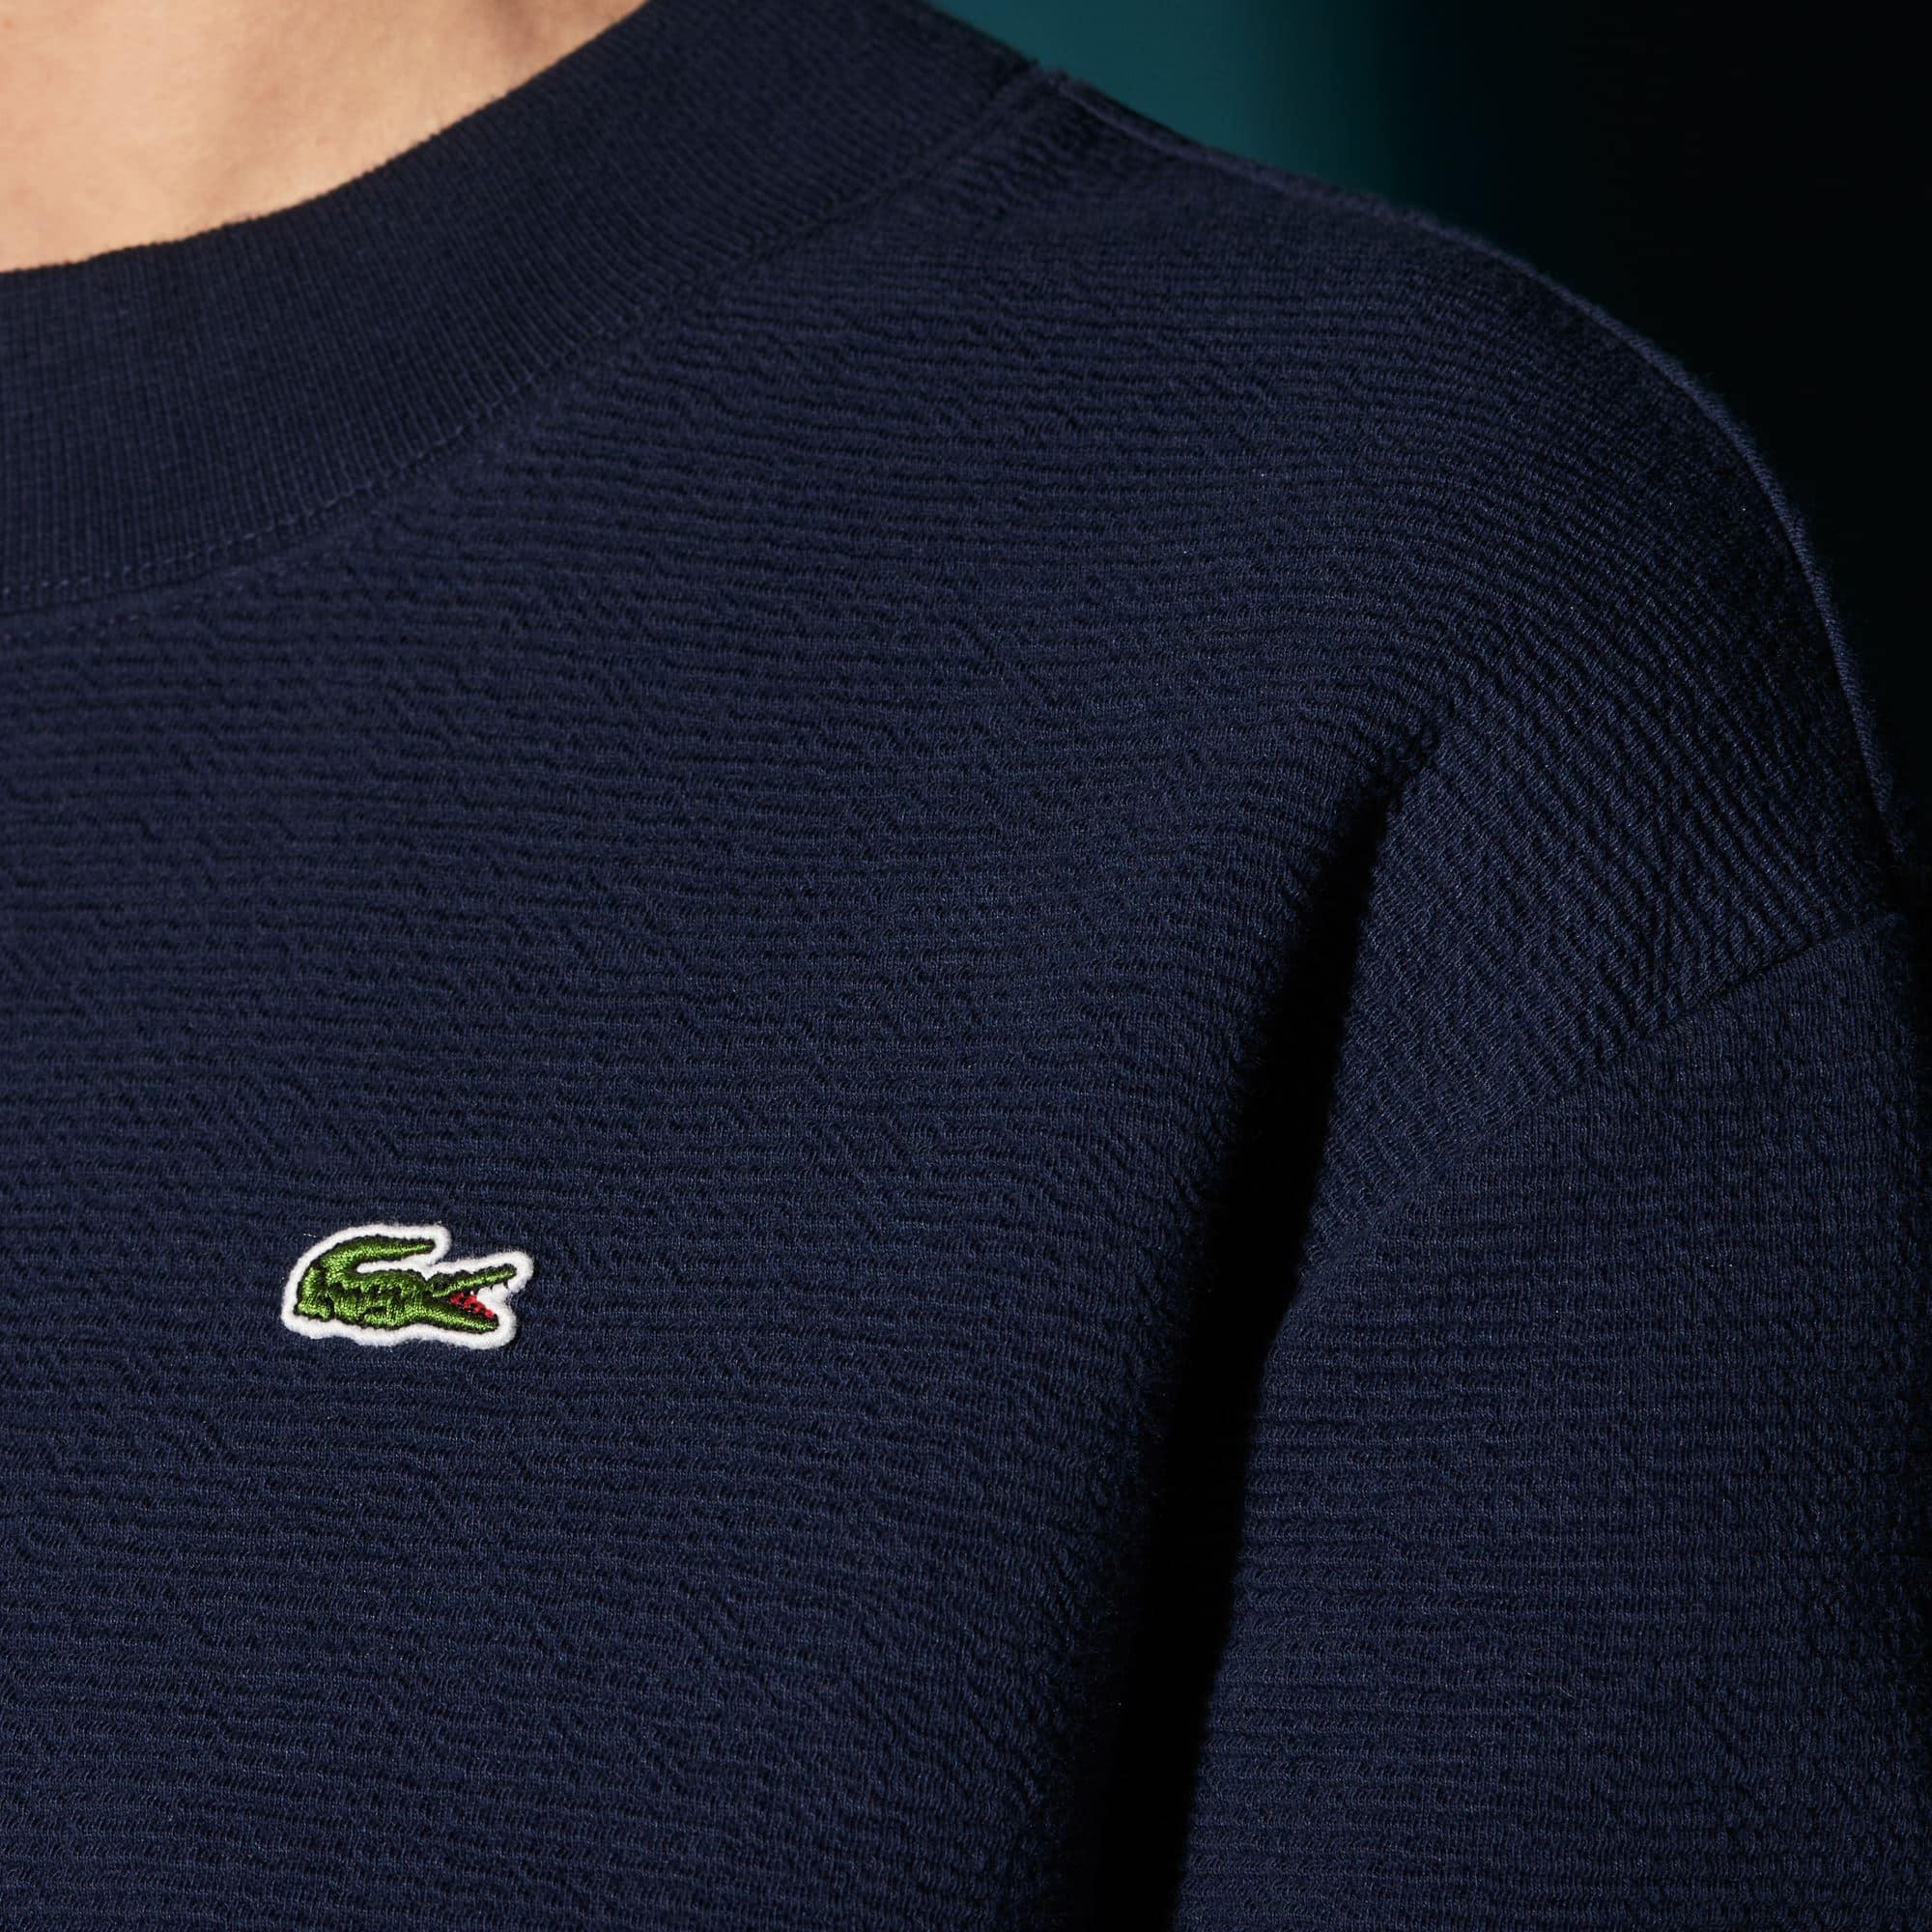 Lacoste SPORT Tennis-sweatshirt dames honingraatfleece